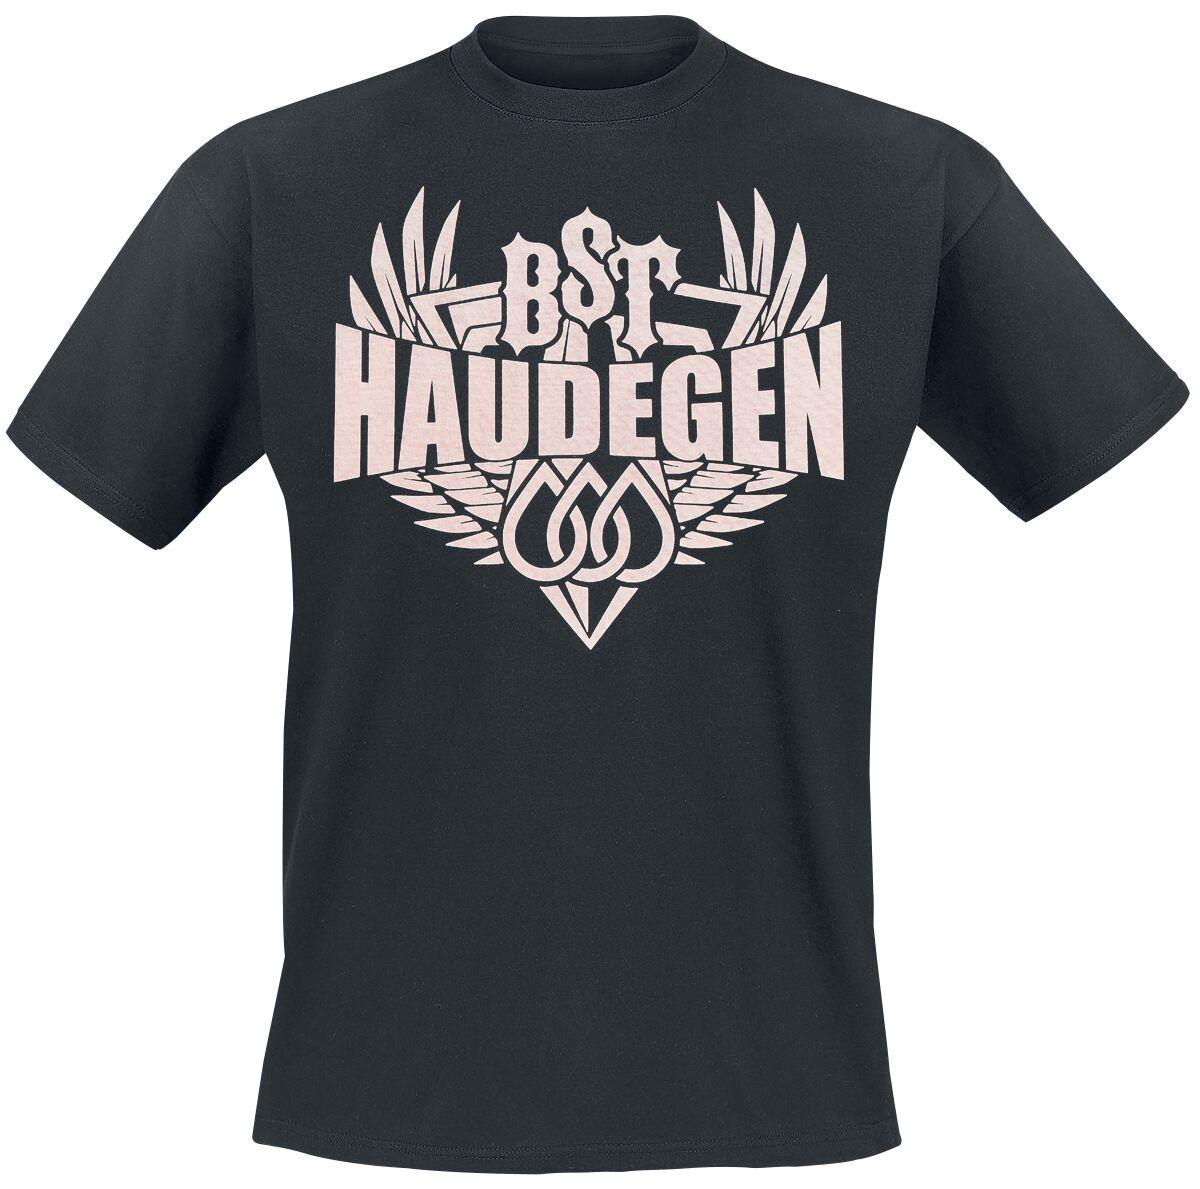 Zespoły - Koszulki - T-Shirt Haudegen Tränen, Schwert & Flügel T-Shirt czarny - 365039